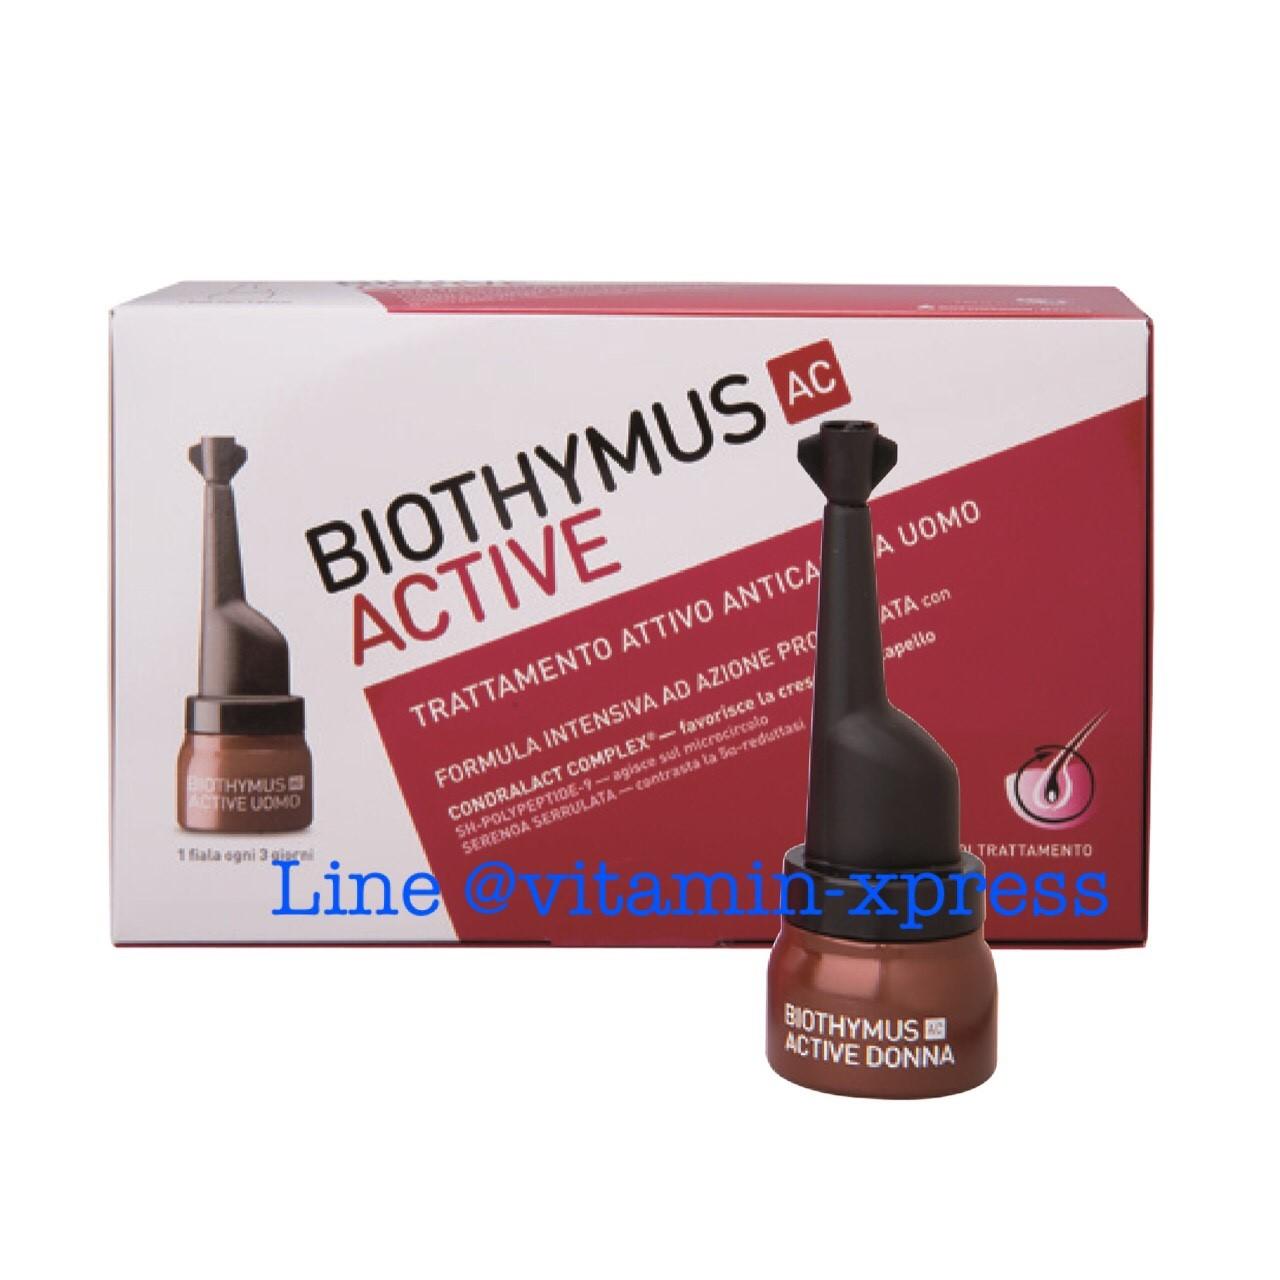 Biothymus active serum 5 * 3.5ml สำหรับผู้ชาย สำเนา